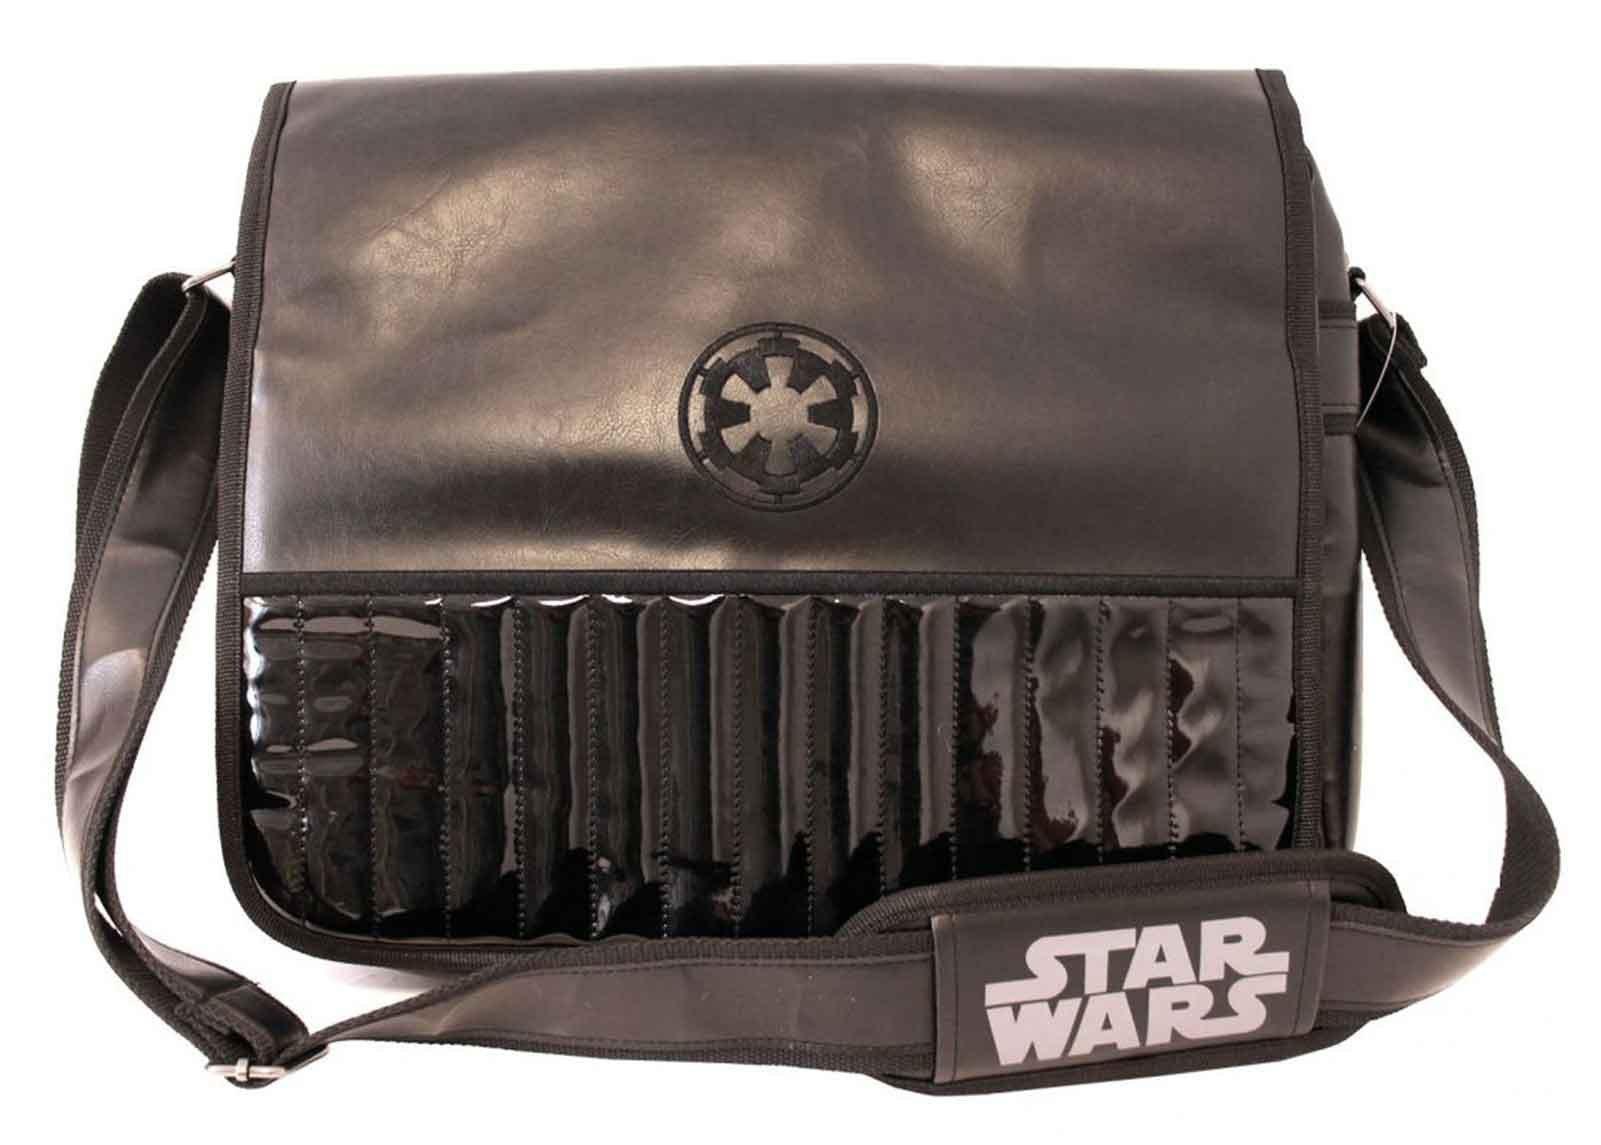 Star Wars Messenger Bag Darth Vader Galactic Empire Emblem Official Black